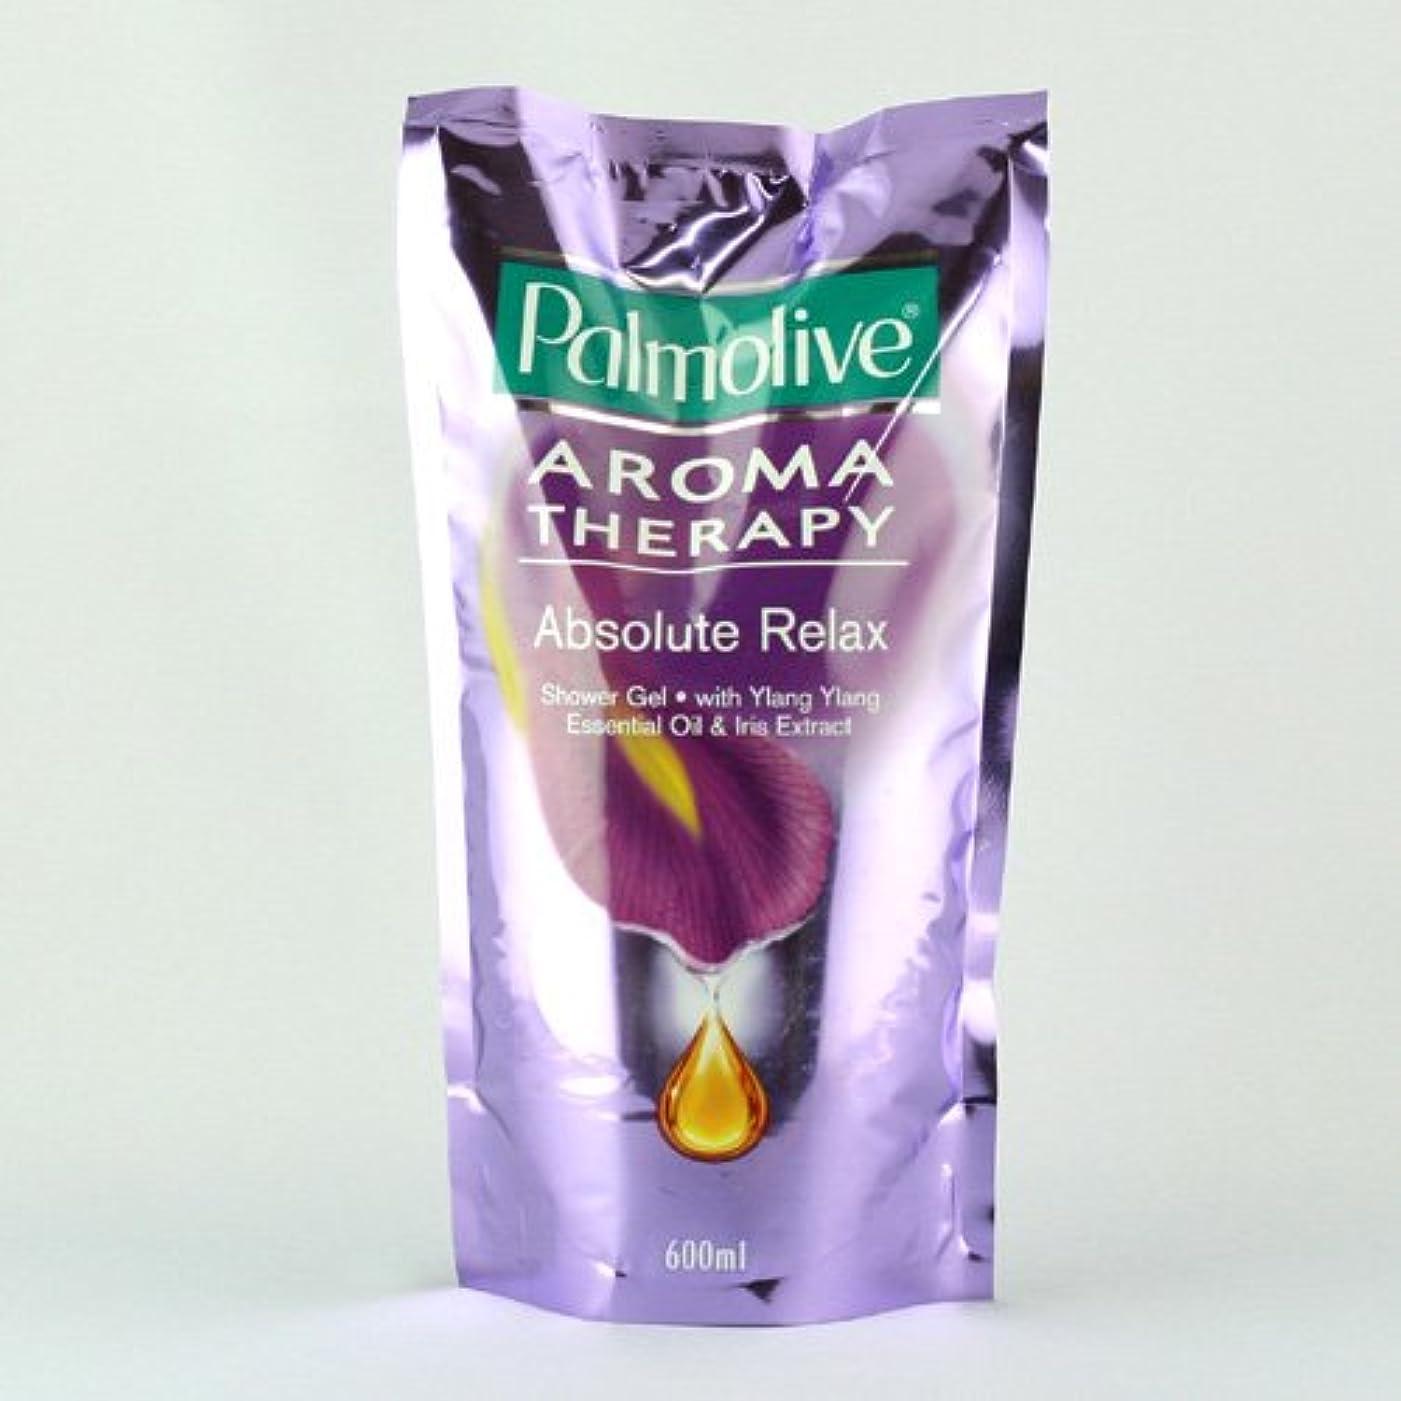 横に登る整理する【Palmolive】パルモリーブ シャワージェル詰め替え用(アブスルートリラックス) 600ml / 25oz